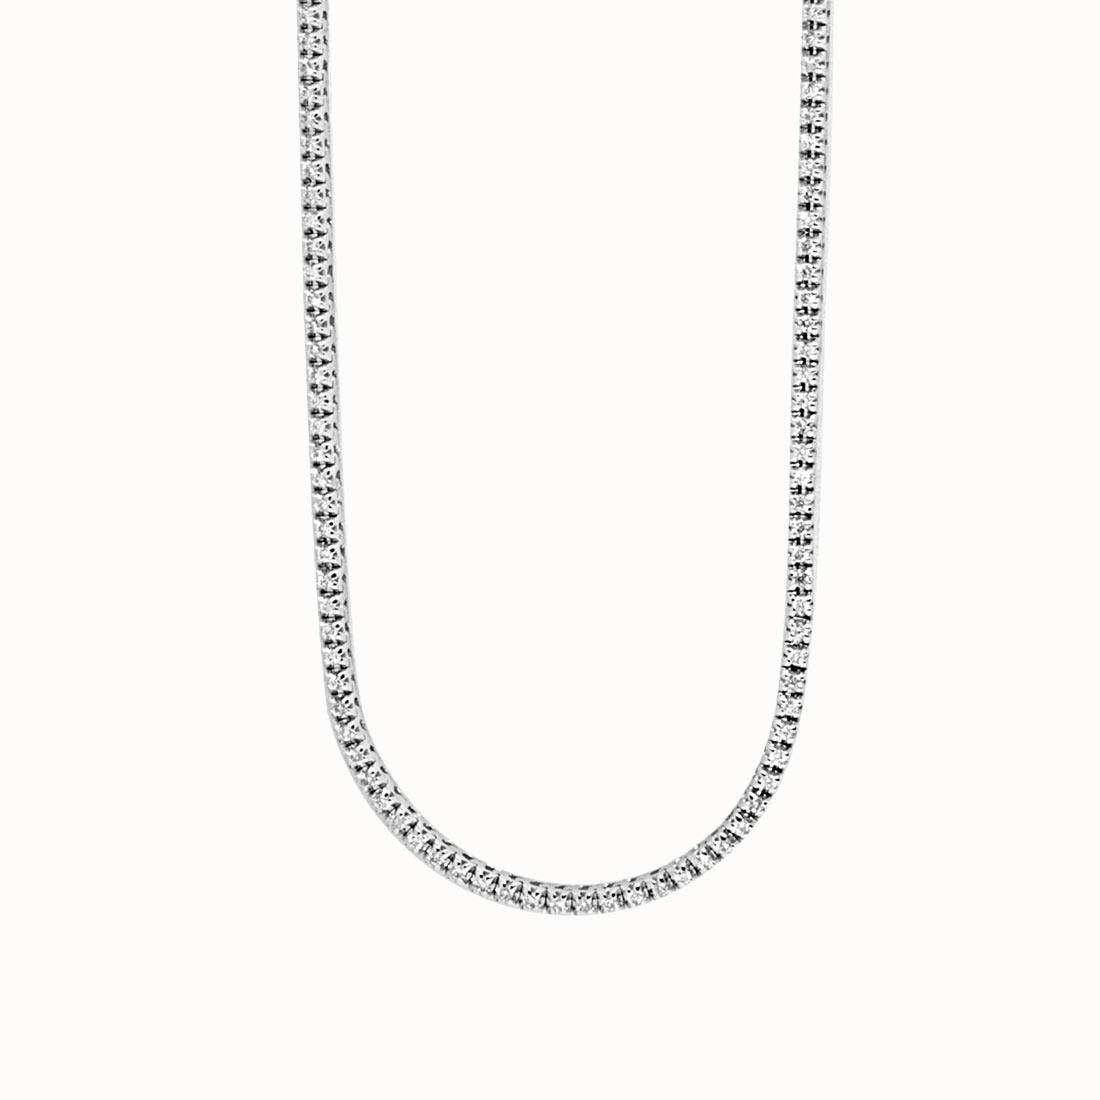 Collier Tennis Oro & Co in oro bianco con diamanti ct 4,00  lughezza 90 cm - ORO&CO